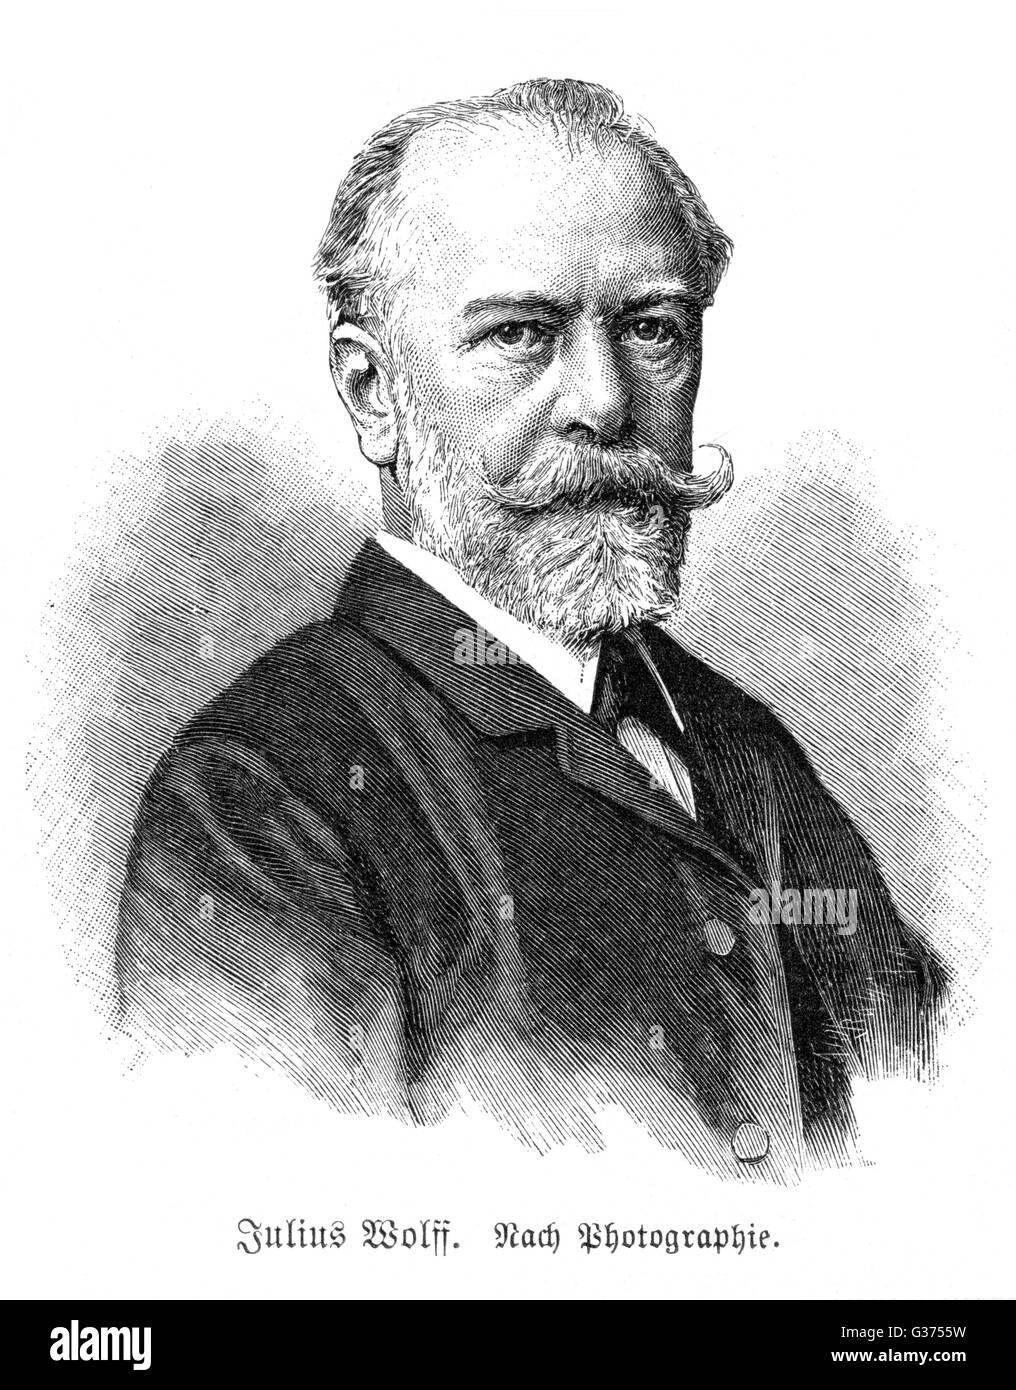 JULIUS WOLFF German writer         Date: 1834 - 1910 - Stock Image